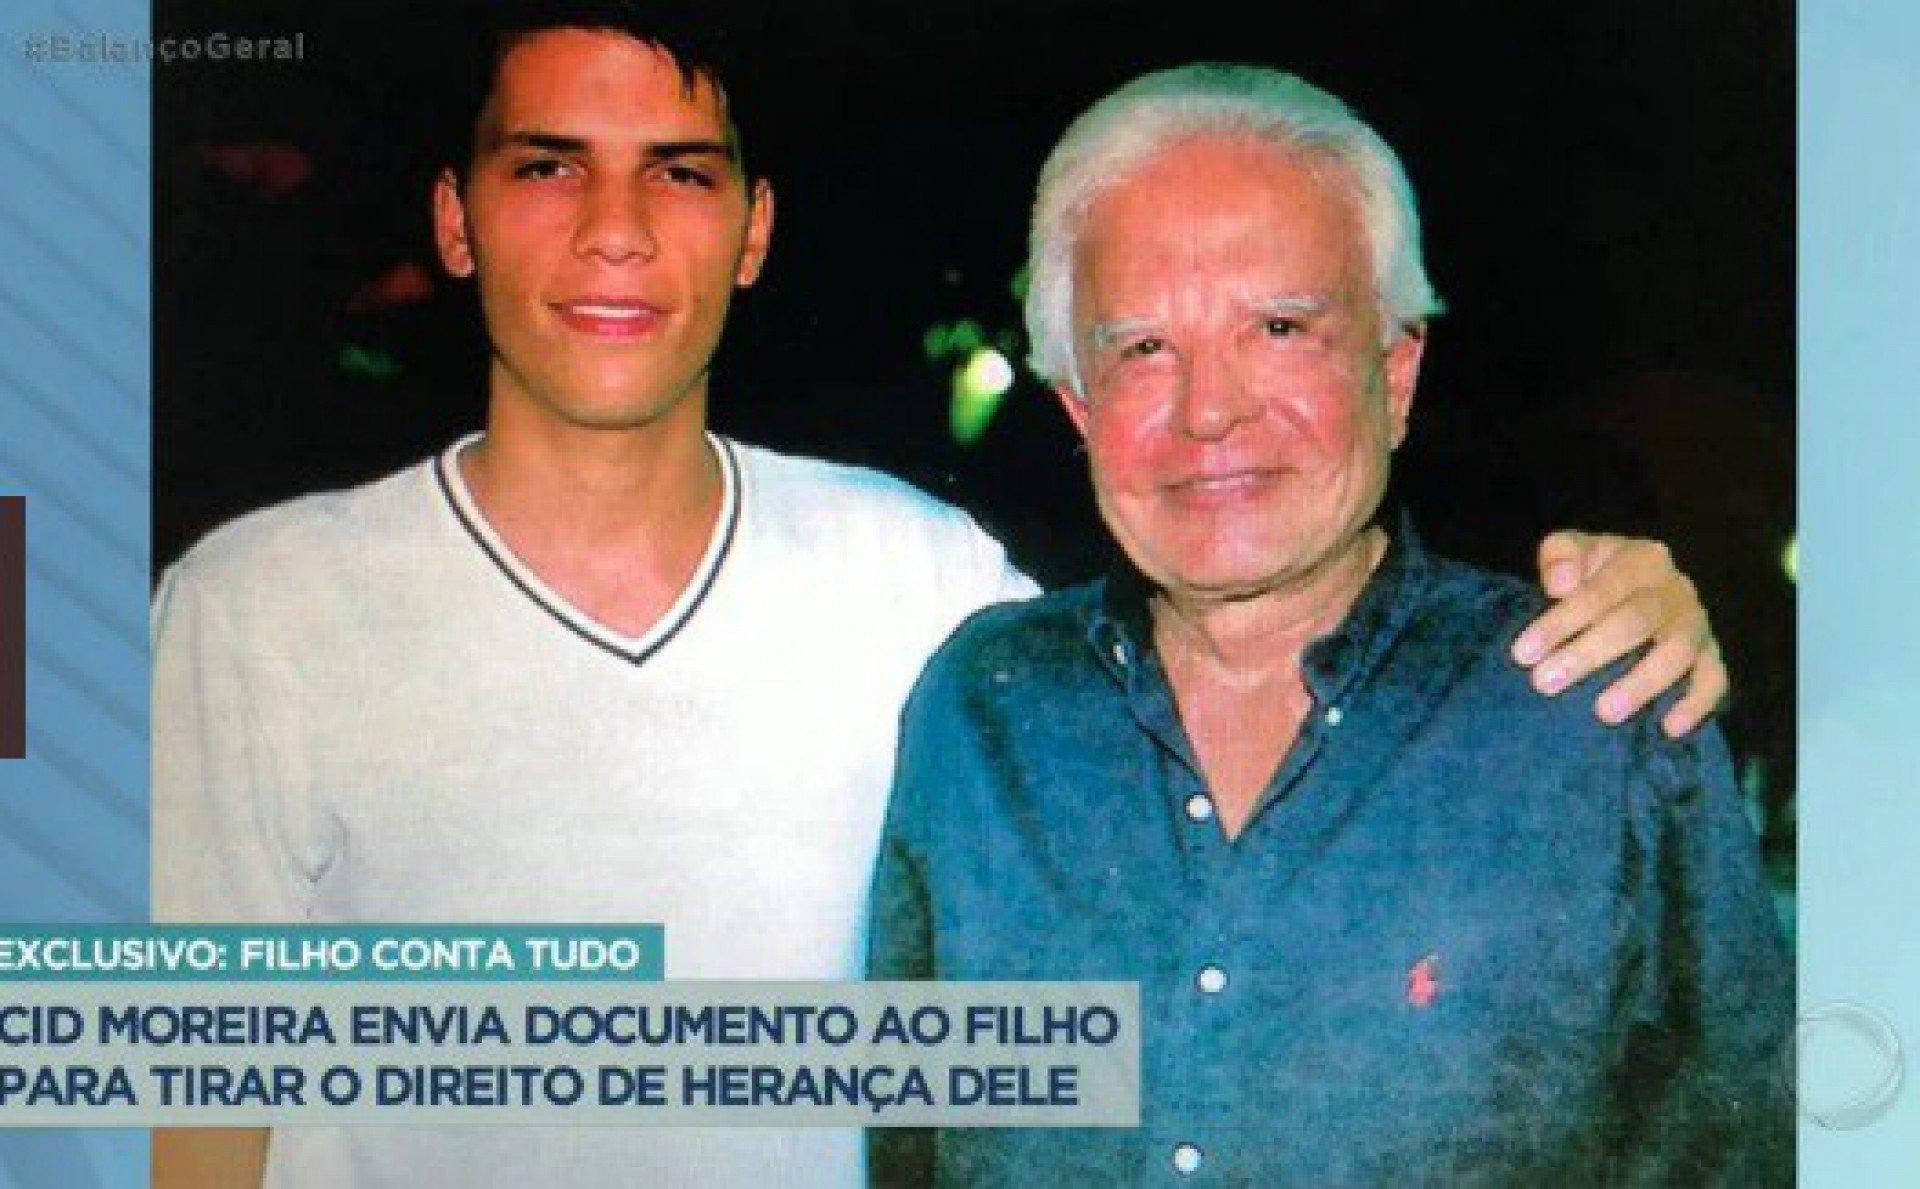 Roger e Cid Moreira - Reprodução